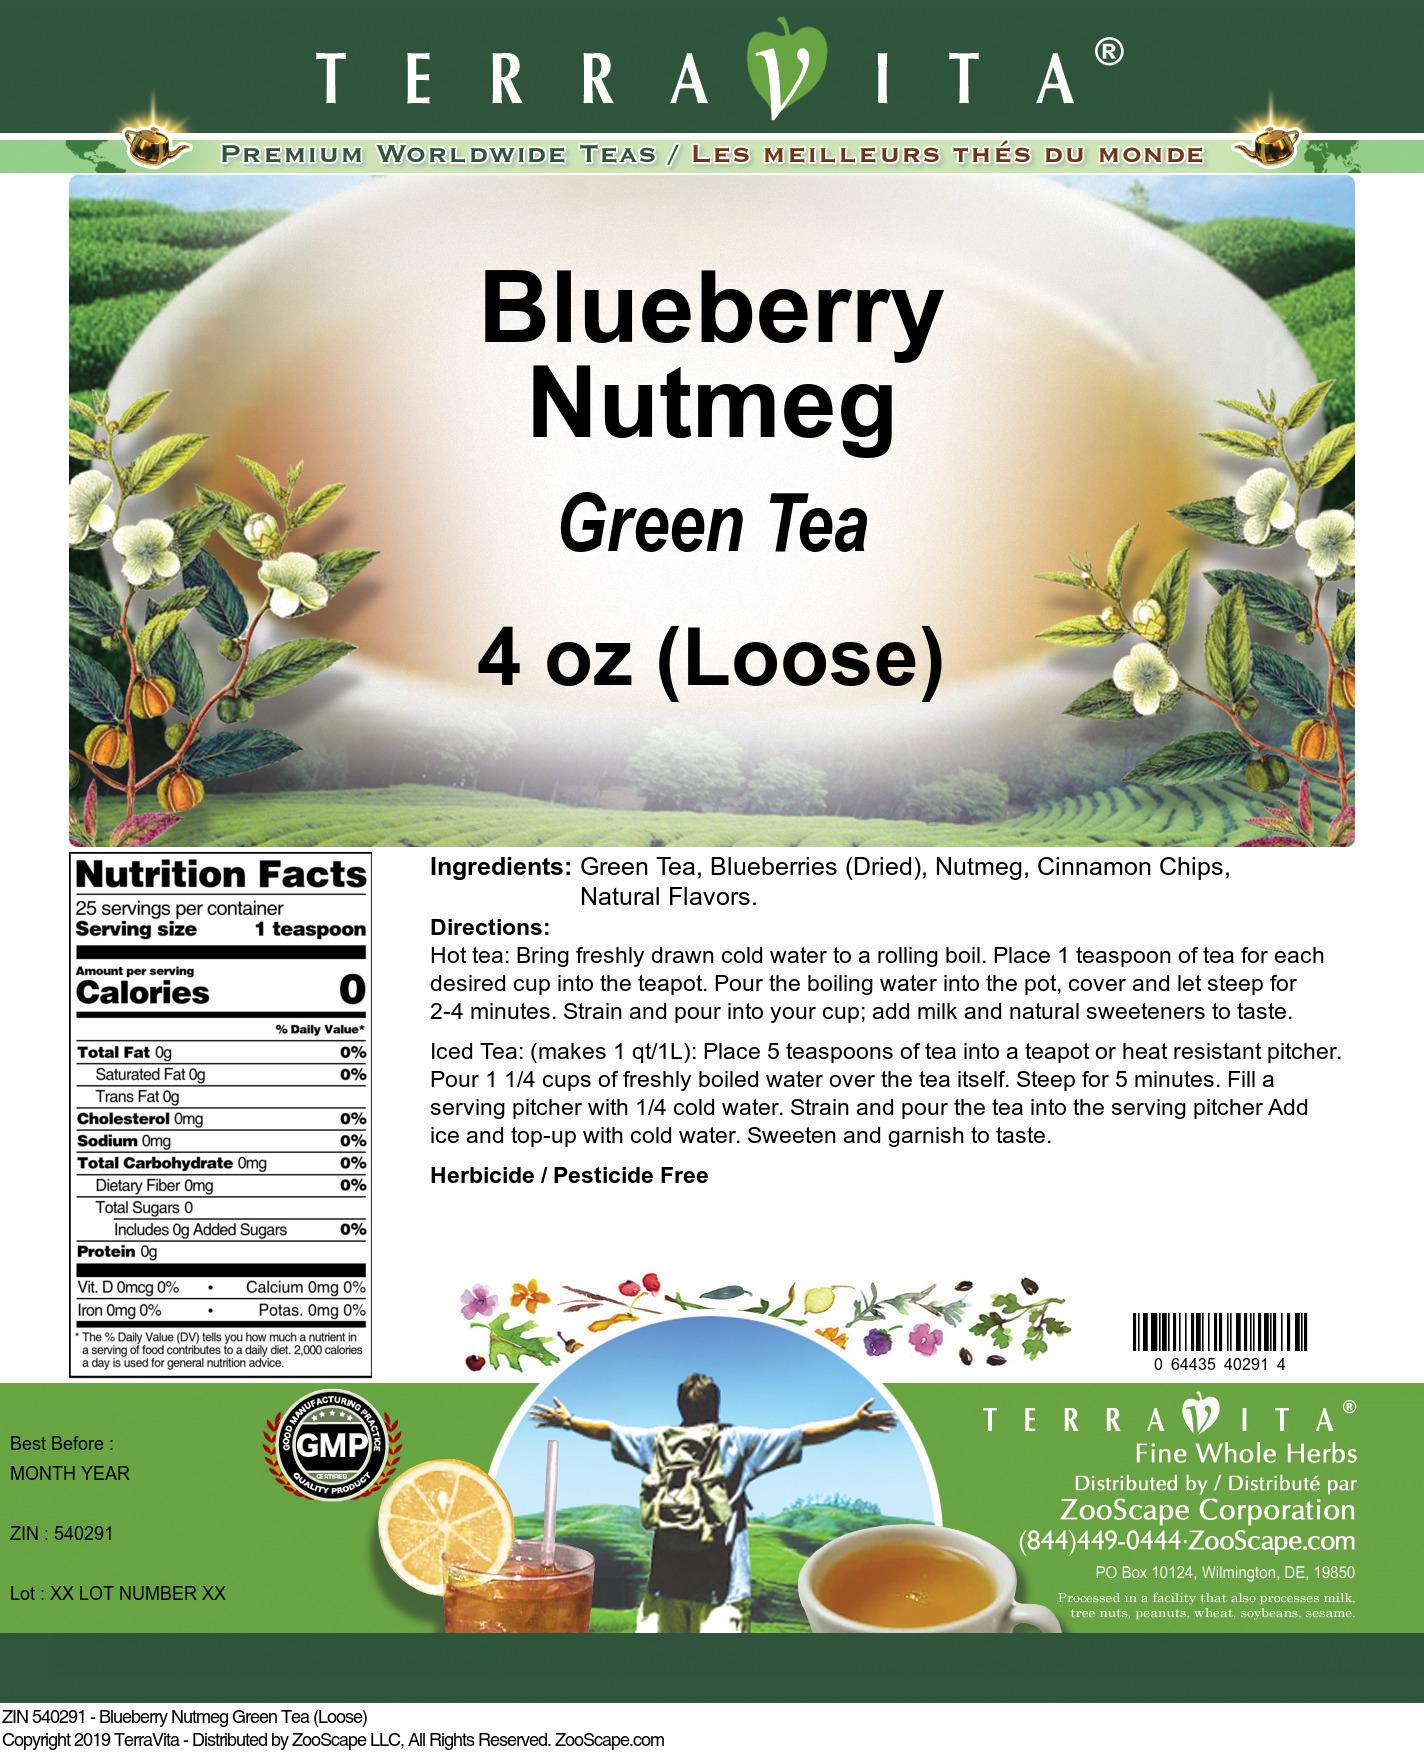 Blueberry Nutmeg Green Tea